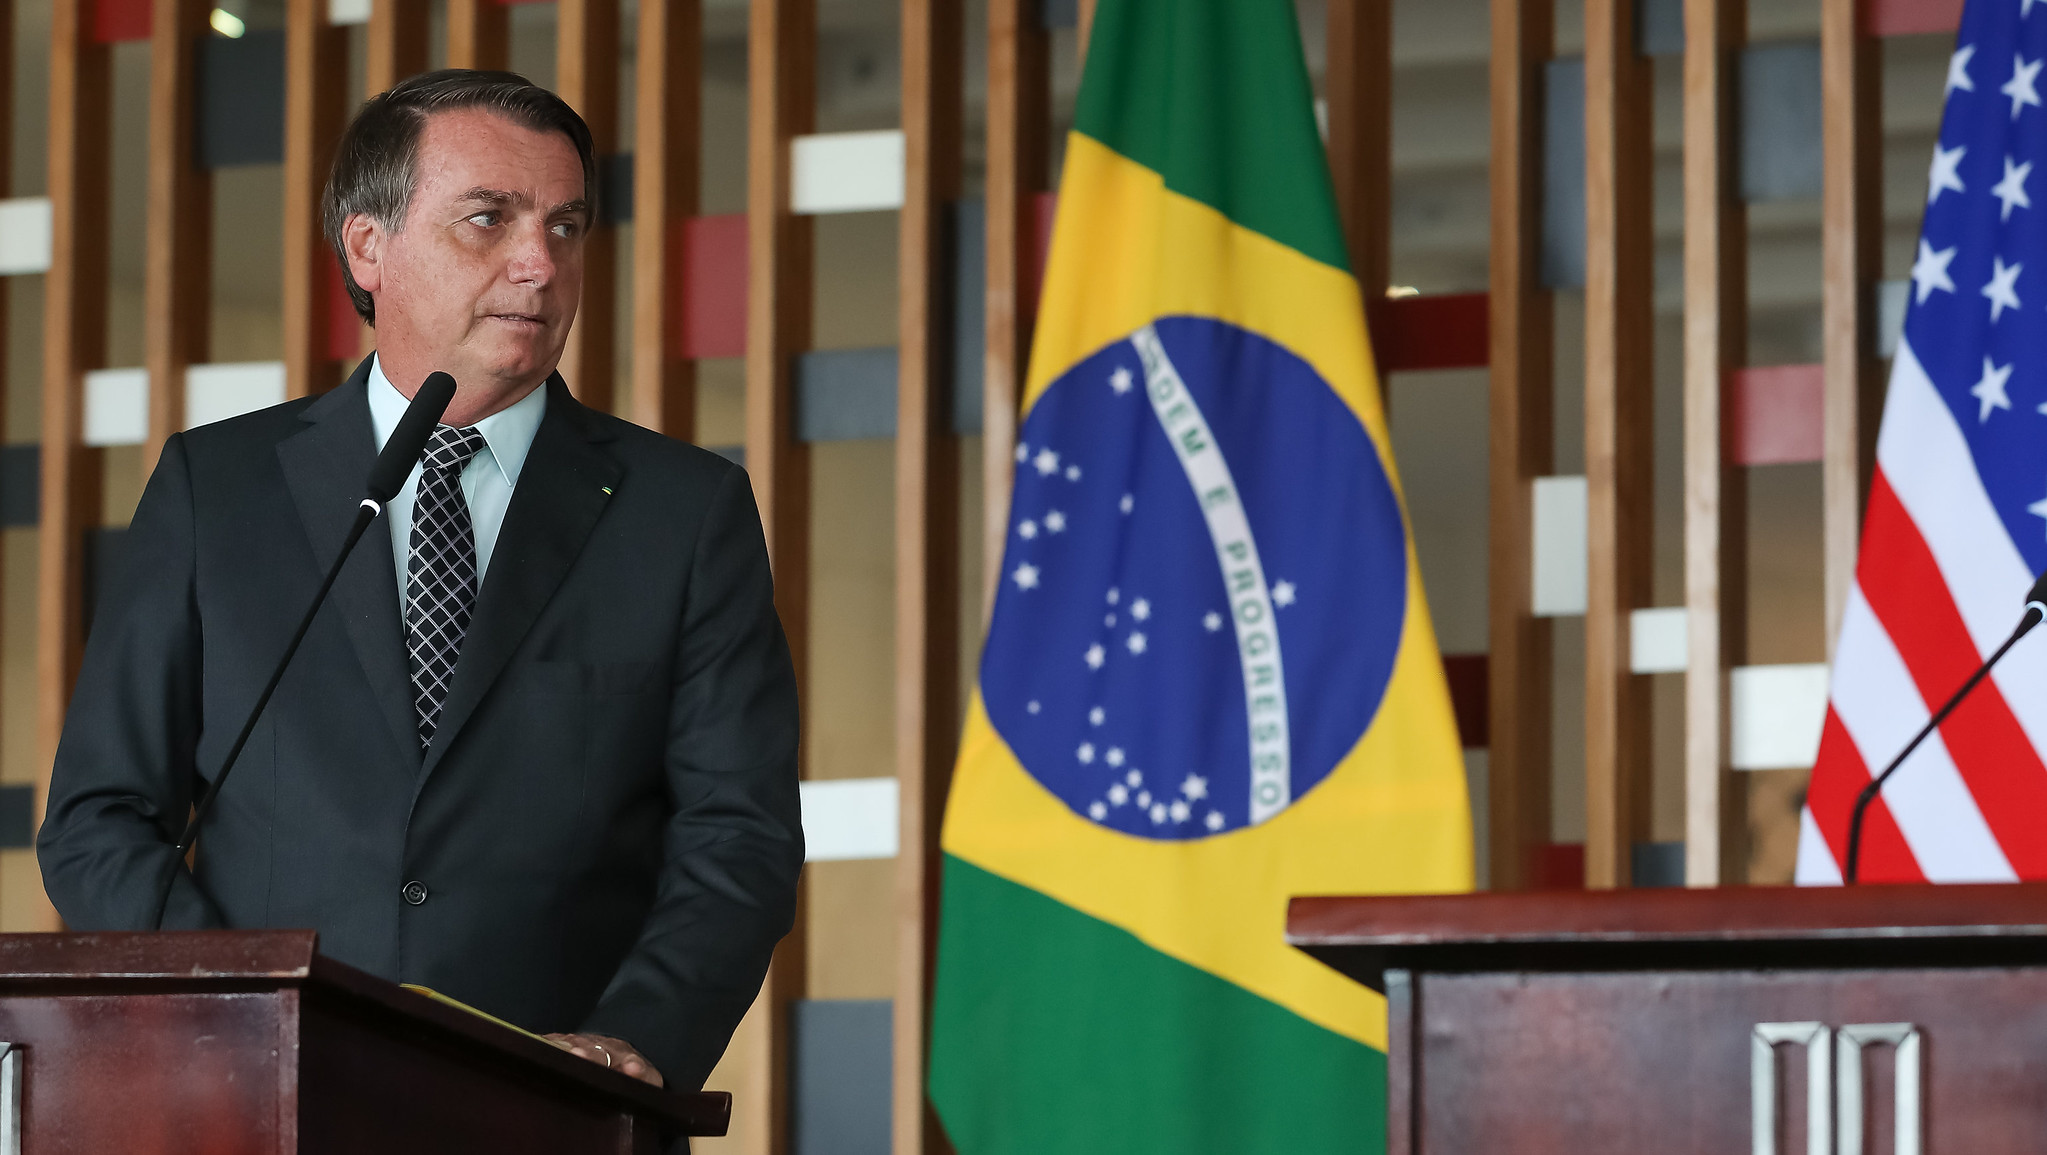 Governadores criticam decisão de Bolsonaro contra vacina chinesa